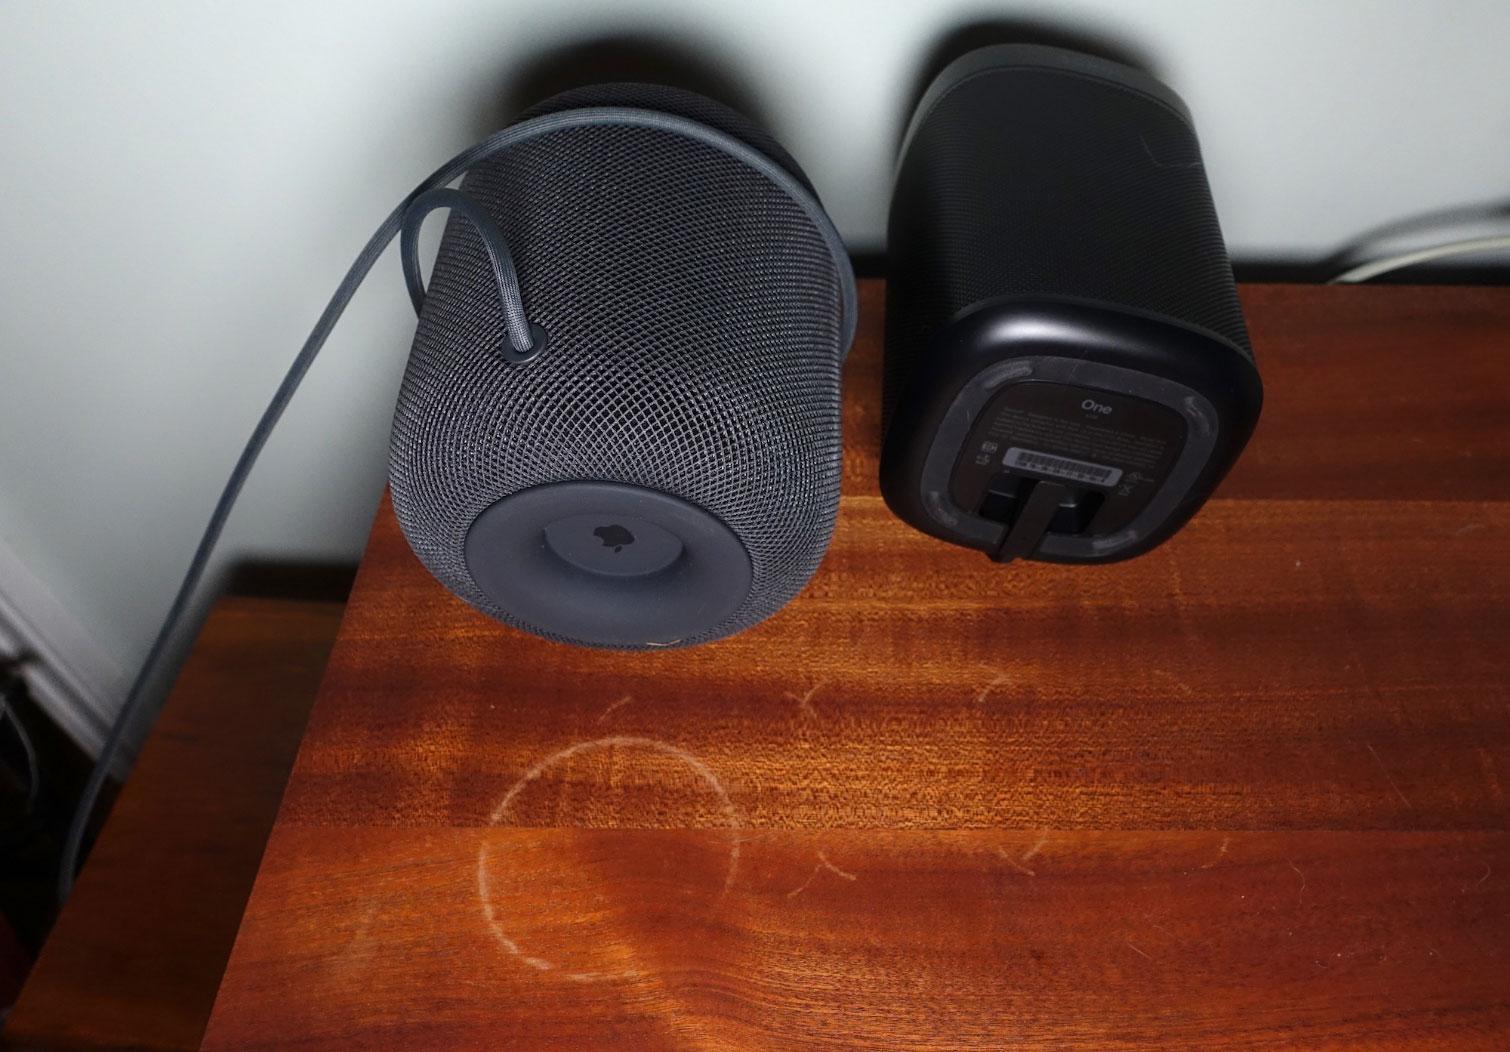 El Sonos One también deja huella